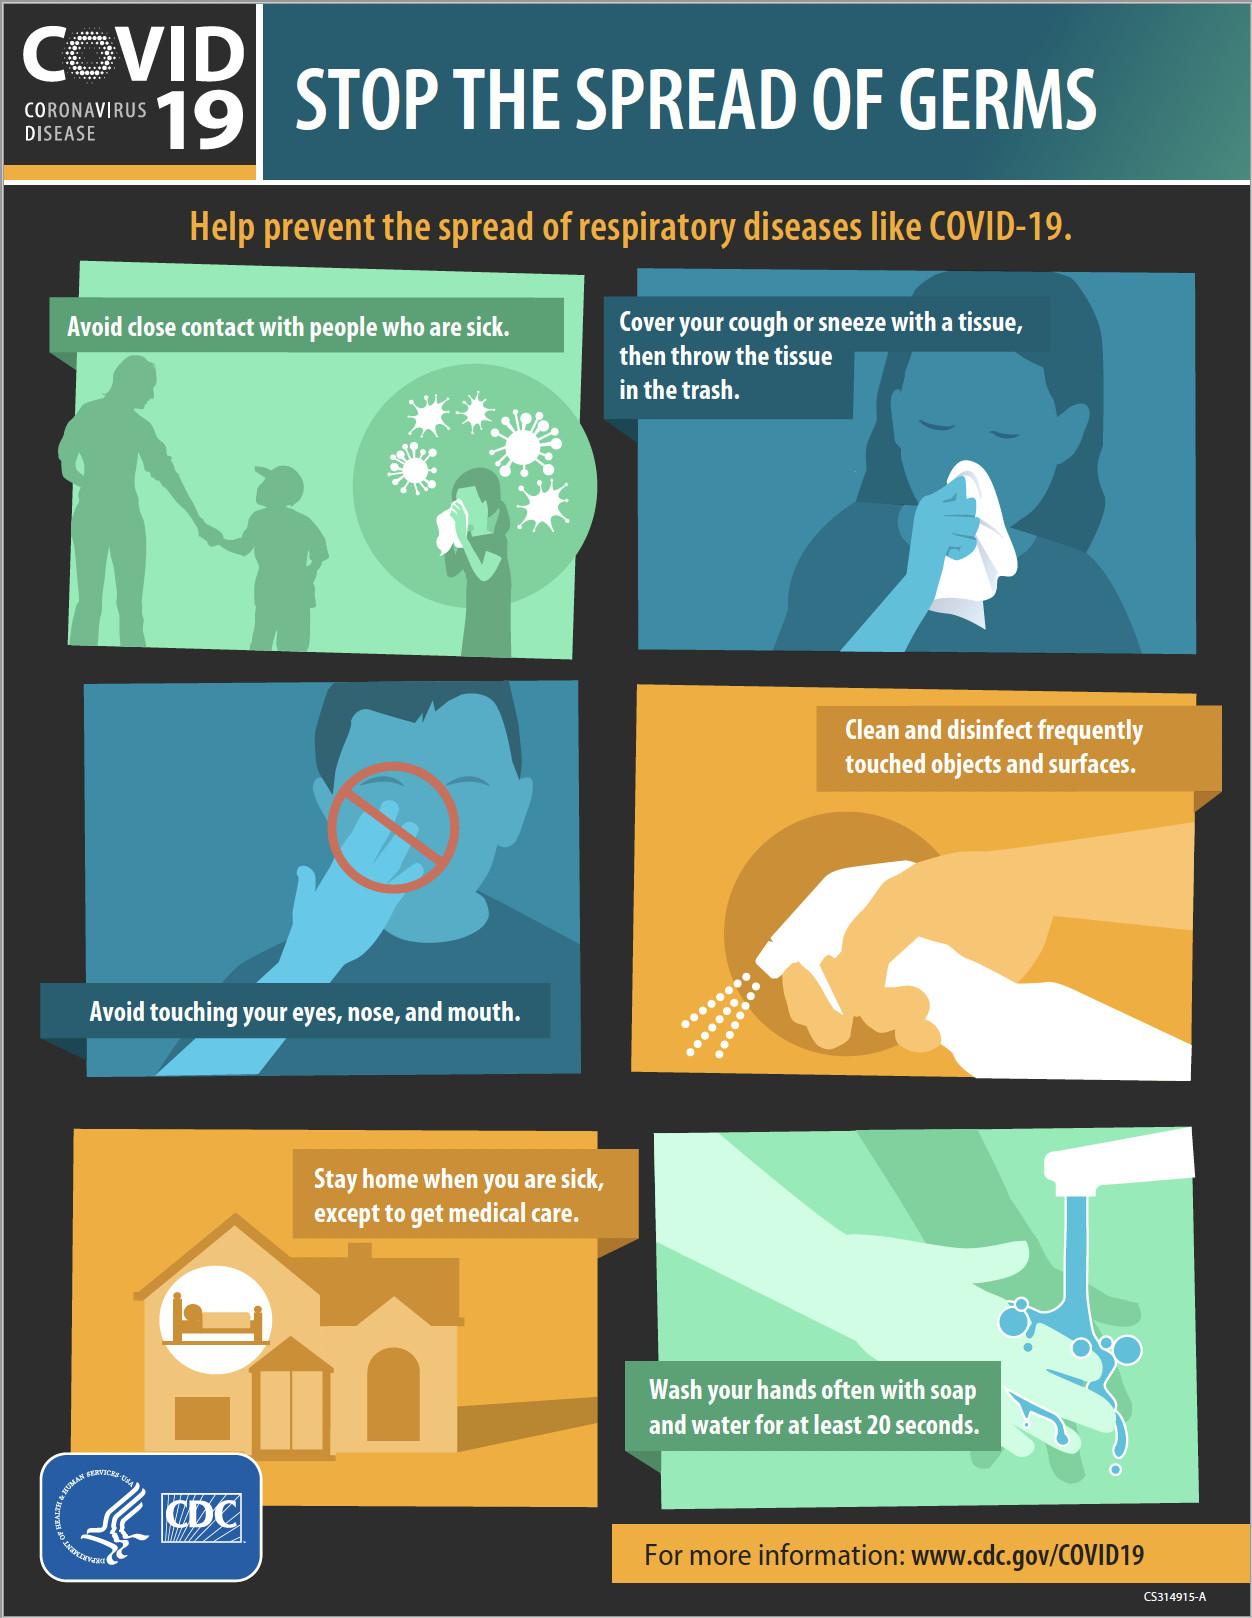 COVID 19 - Coronavirus Disease